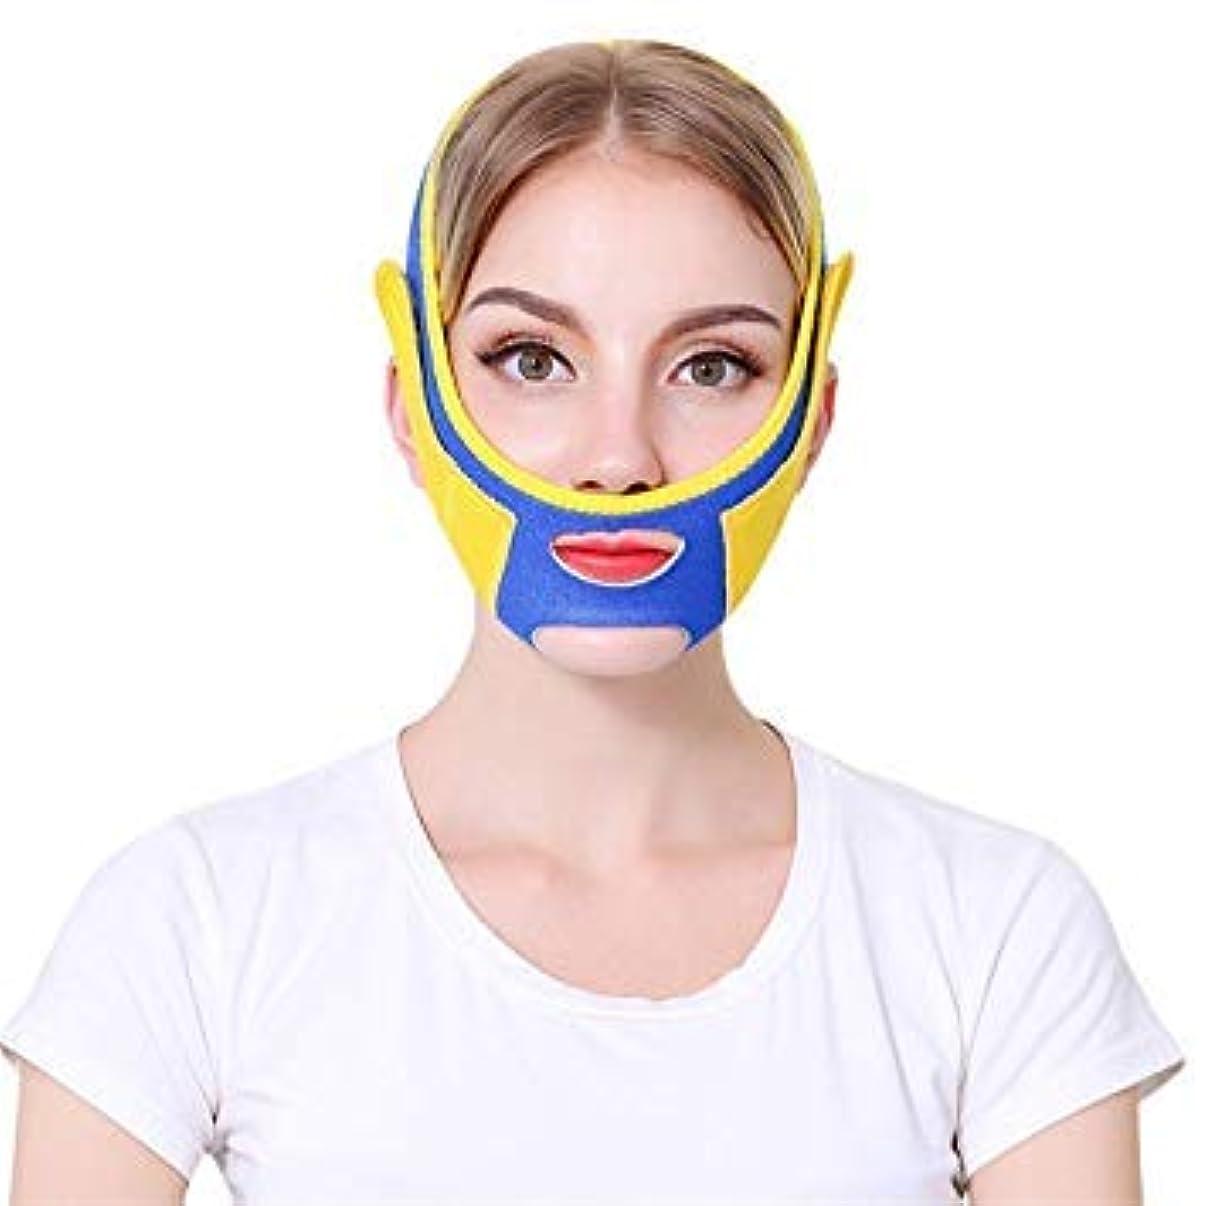 誓いからに変化する価値のない顔のリフティングスリムウエストバンド、頬のV字型リフティング薄型マスク、滑らかで通気性のあるコンプレッションダブルあご付きで包帯を減らし、フェイスリフト/スリミング/スリープフェイス/マスクで体重を減らします (blue)